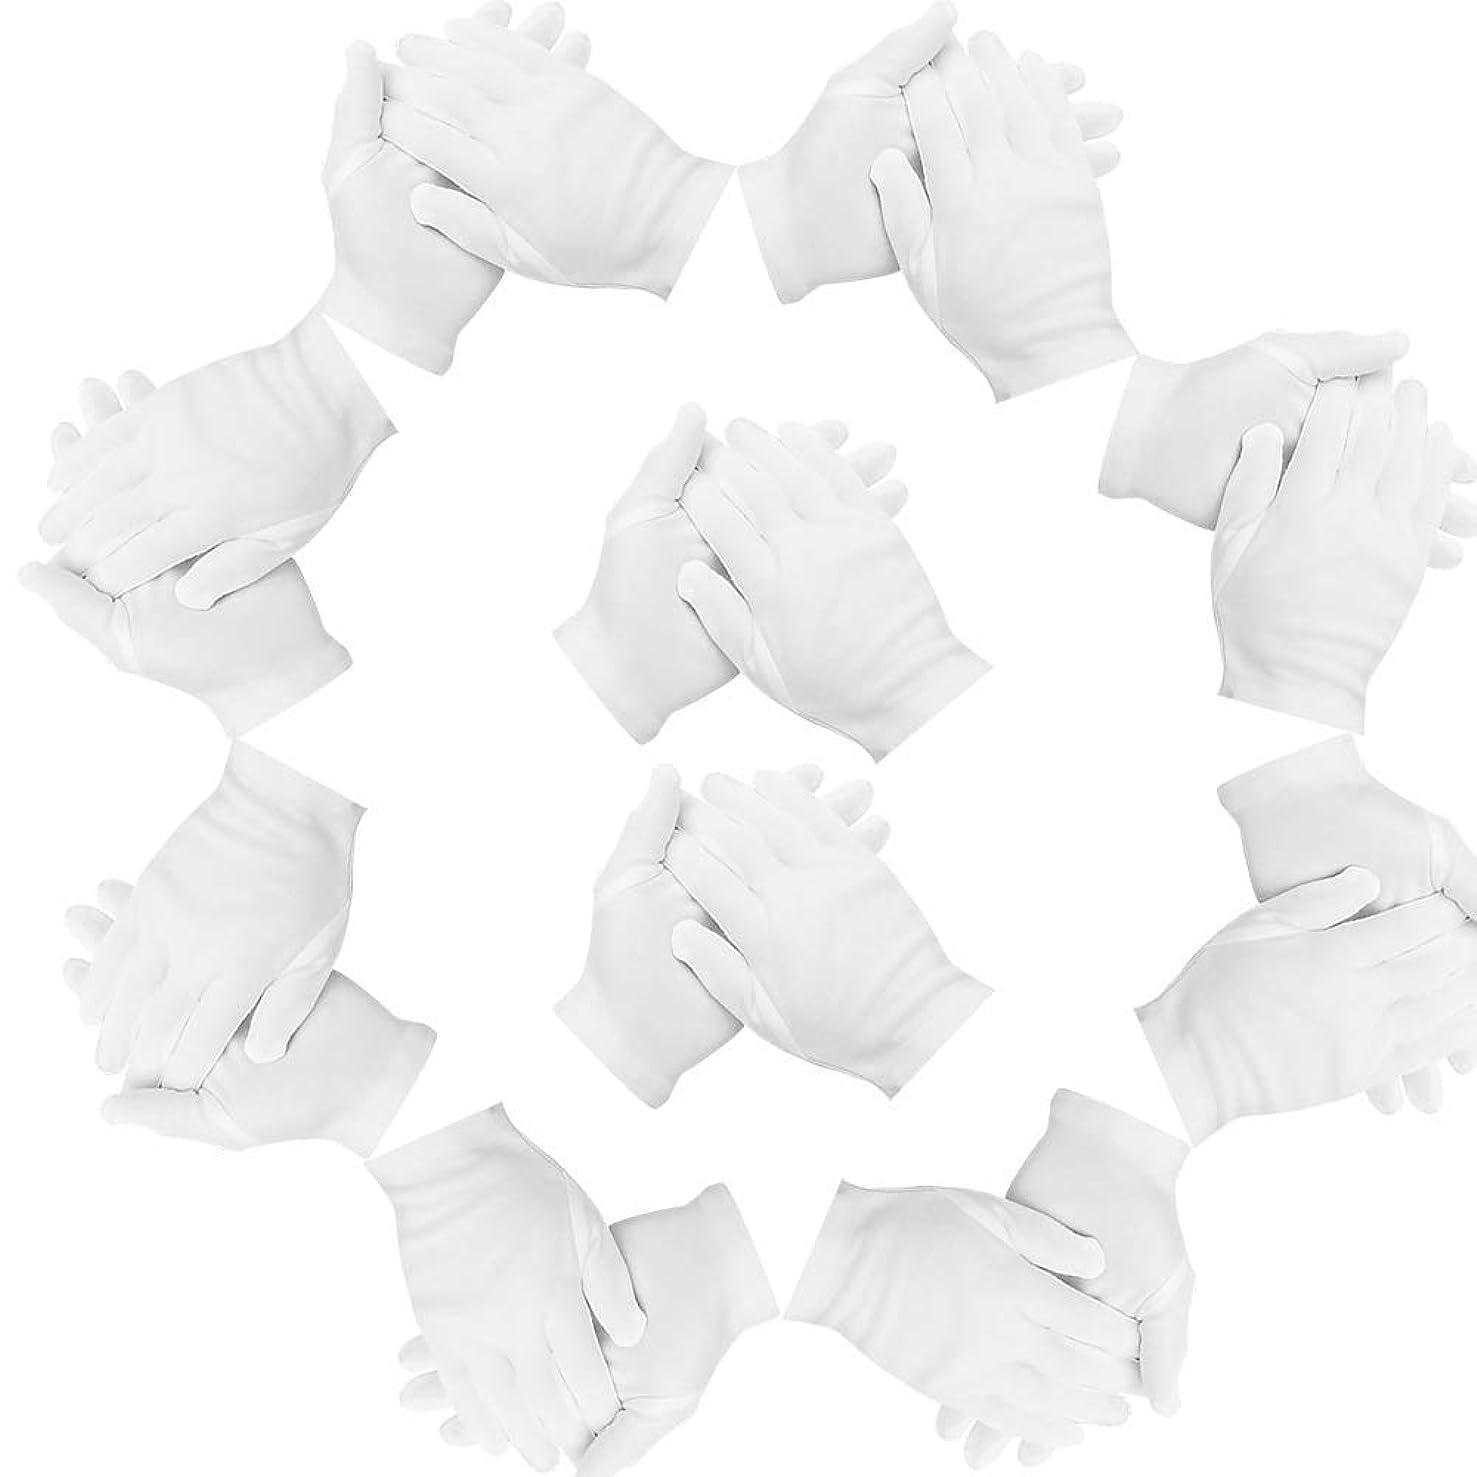 クリックゼロ険しいTeenitor コットン手袋 Lサイズ 綿手袋 20枚入り インナーコットン手袋 手荒れ予防 白手袋 綿 作業用 湿疹用 乾燥肌用 保湿用 家事用 礼装用 男女兼用